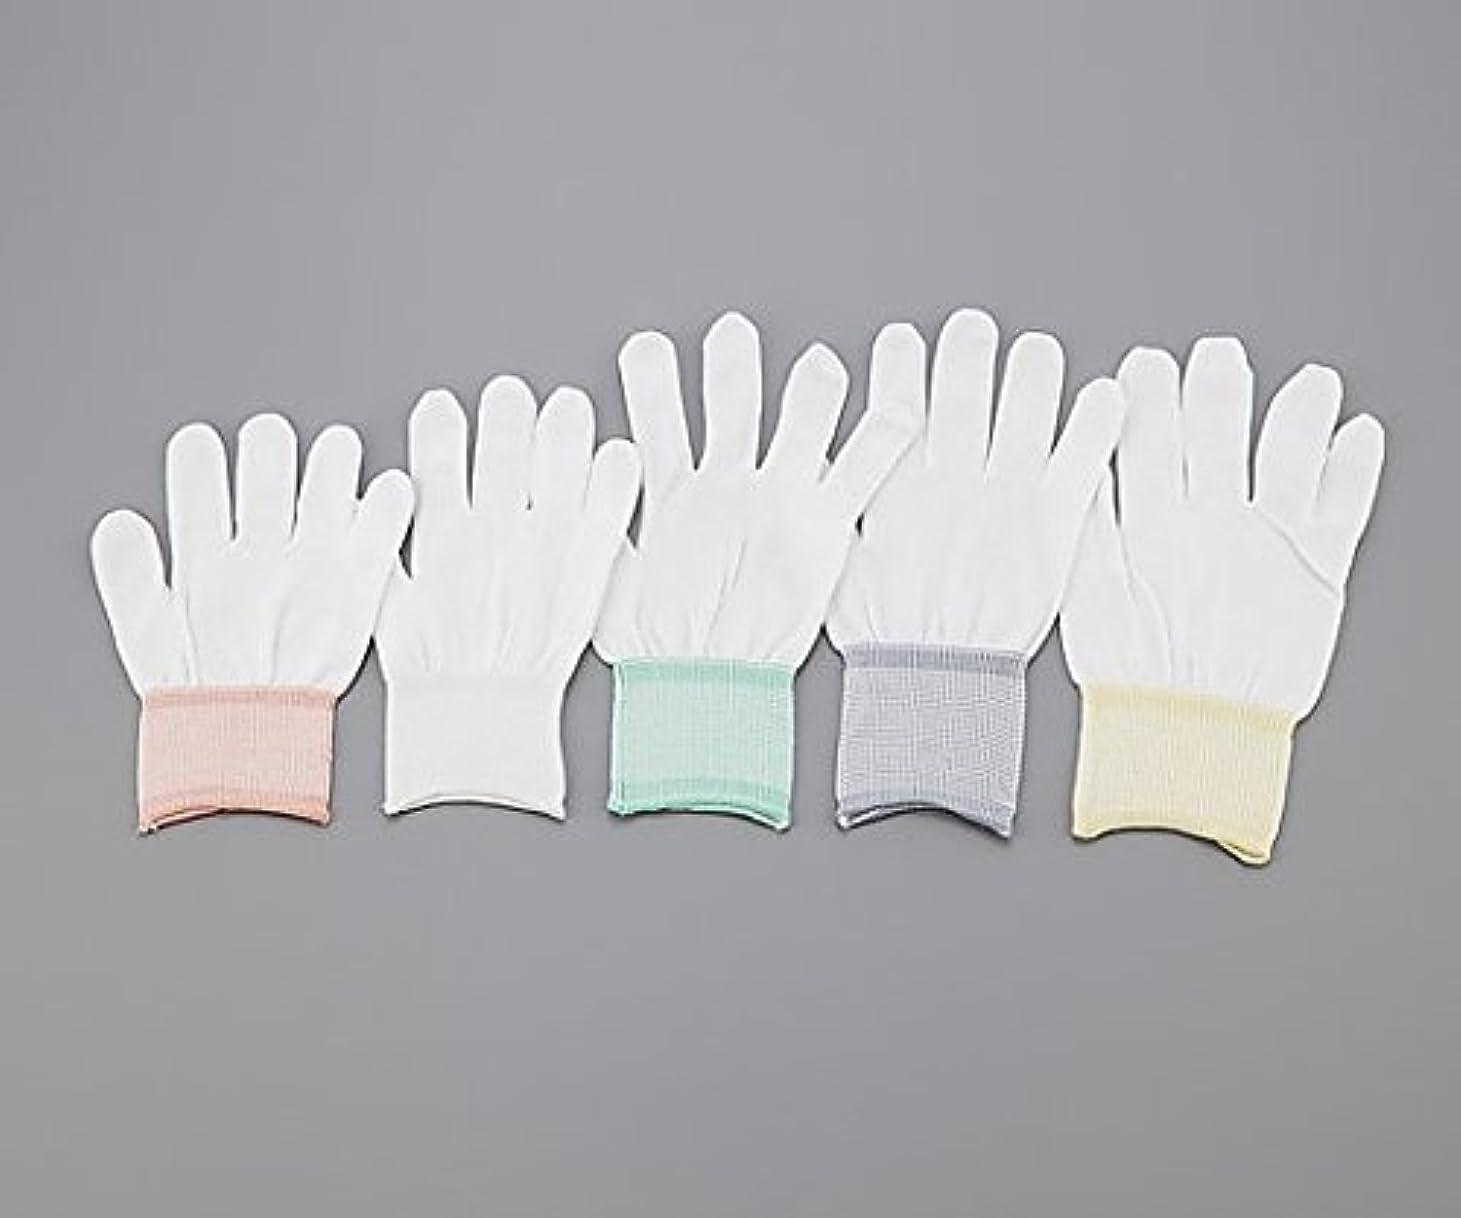 過度にダンプ否定するアズピュア(アズワン)1-4294-03アズピュアインナー手袋指先有りL10双20枚